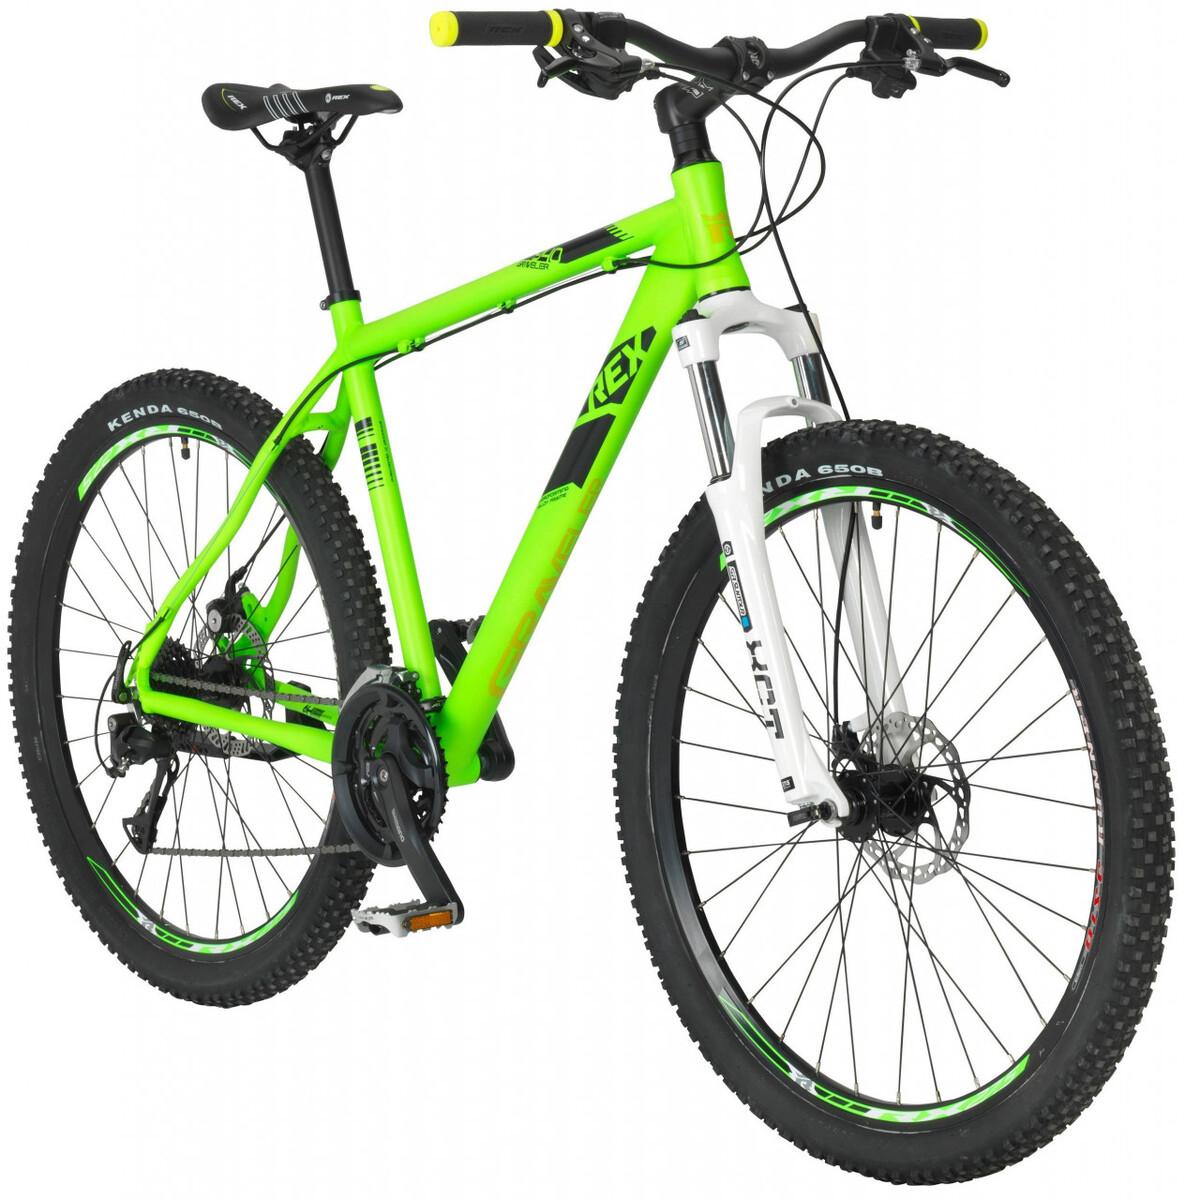 """Bild 1 von REX Mountainbike 27,5"""" Graveler 940 Fahrrad"""